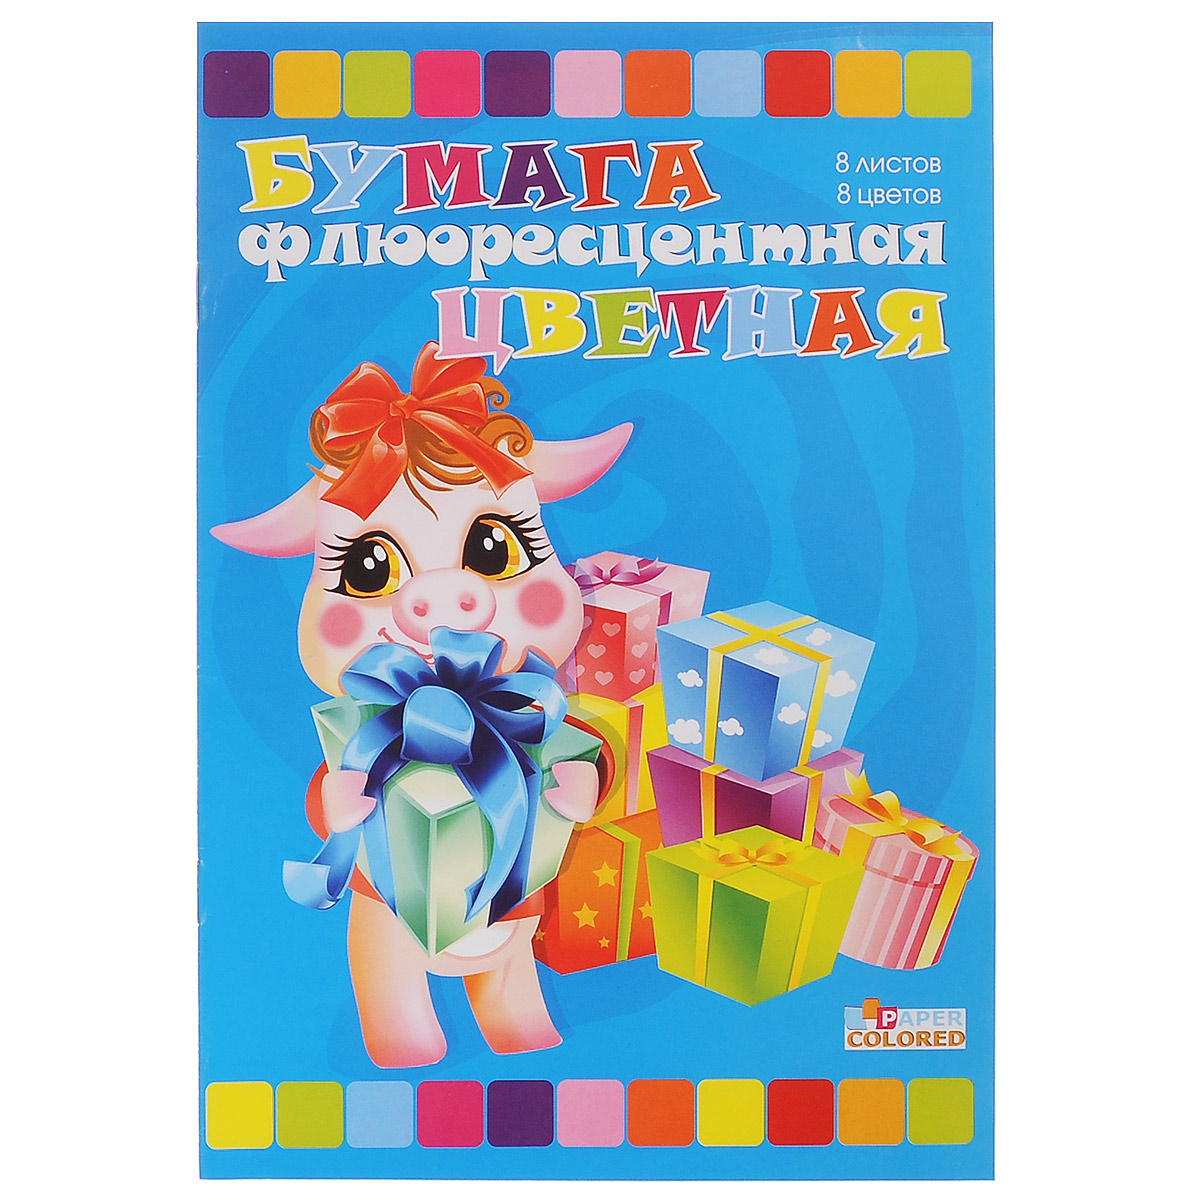 Цветная бумага Бриз, флюоресцентная, 8 цветов. 1124-206 sadipal бумаги флюоресцентная 5 цветов 5 листов 15429